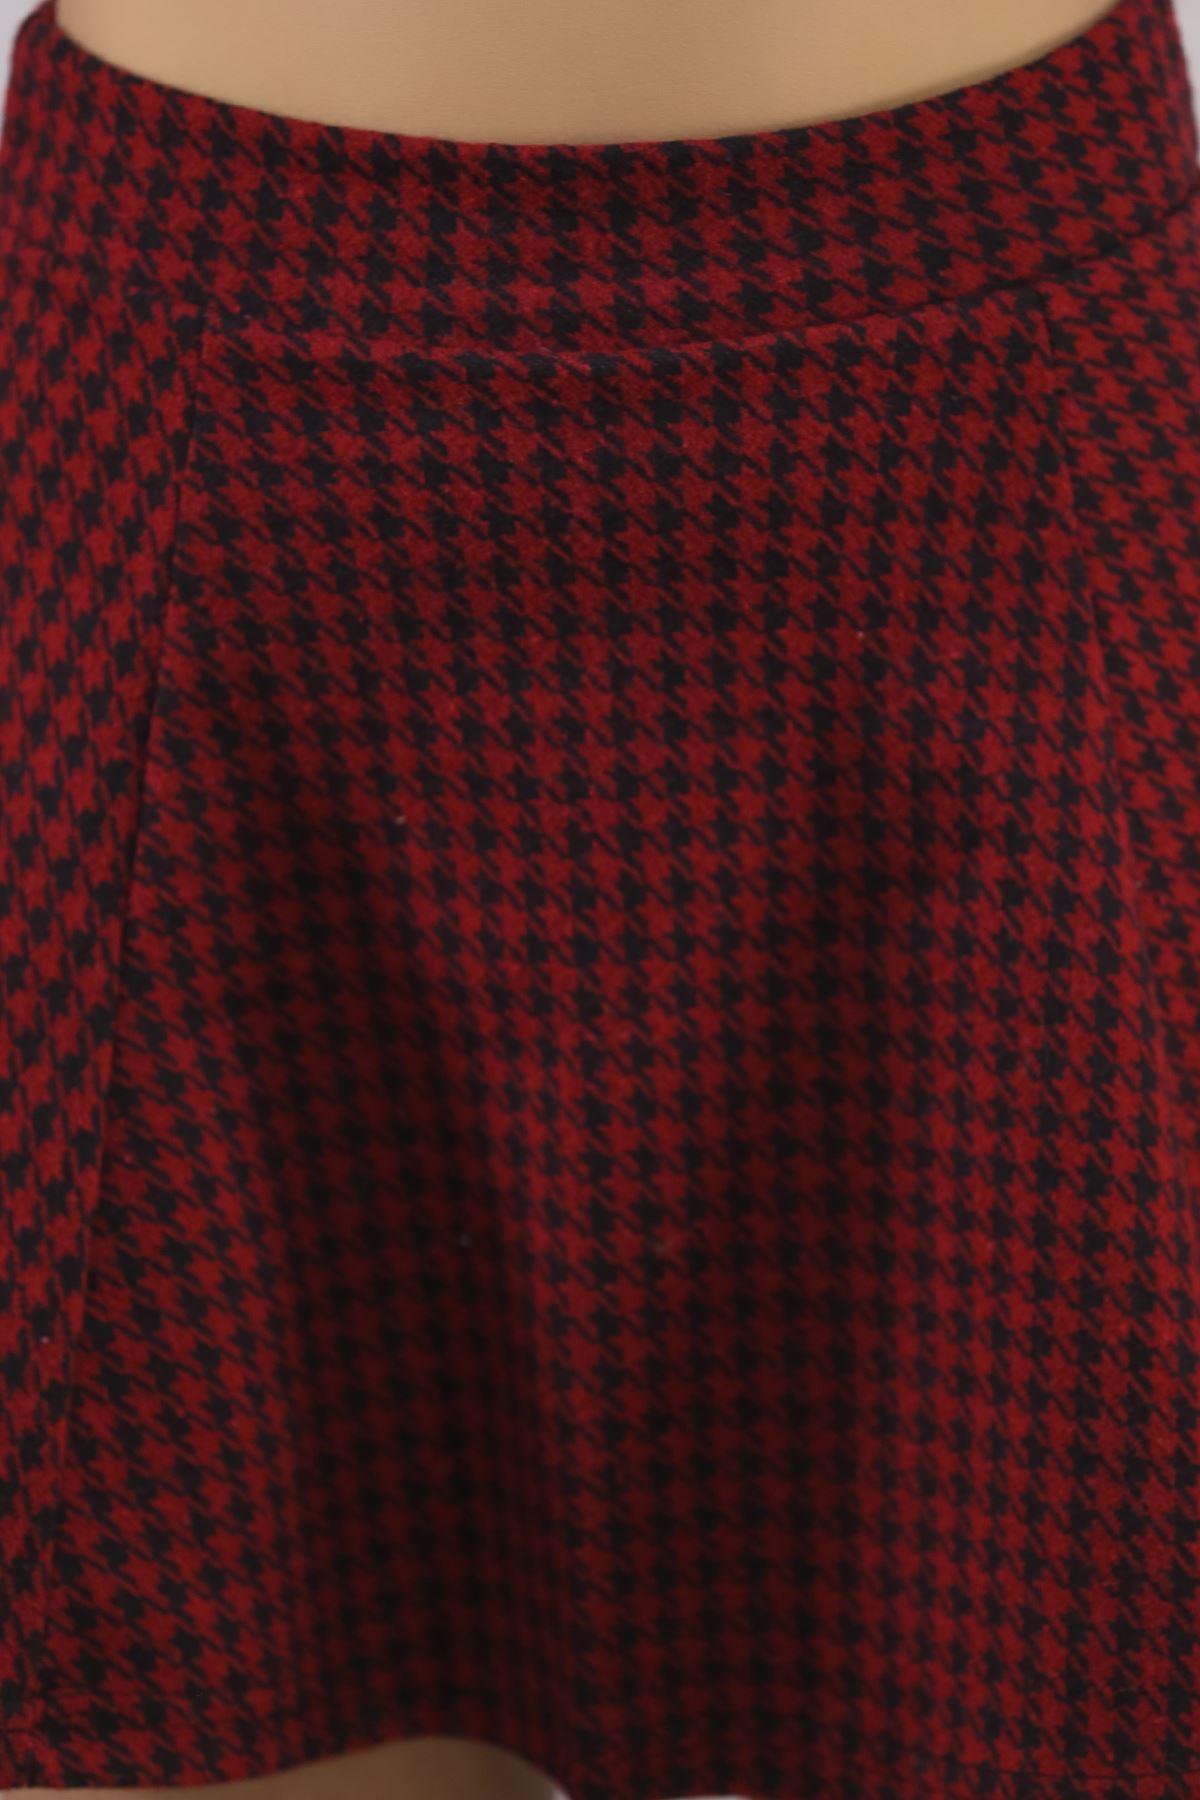 Kışlık Kloş Etek Siyahbordo - 5582.316.